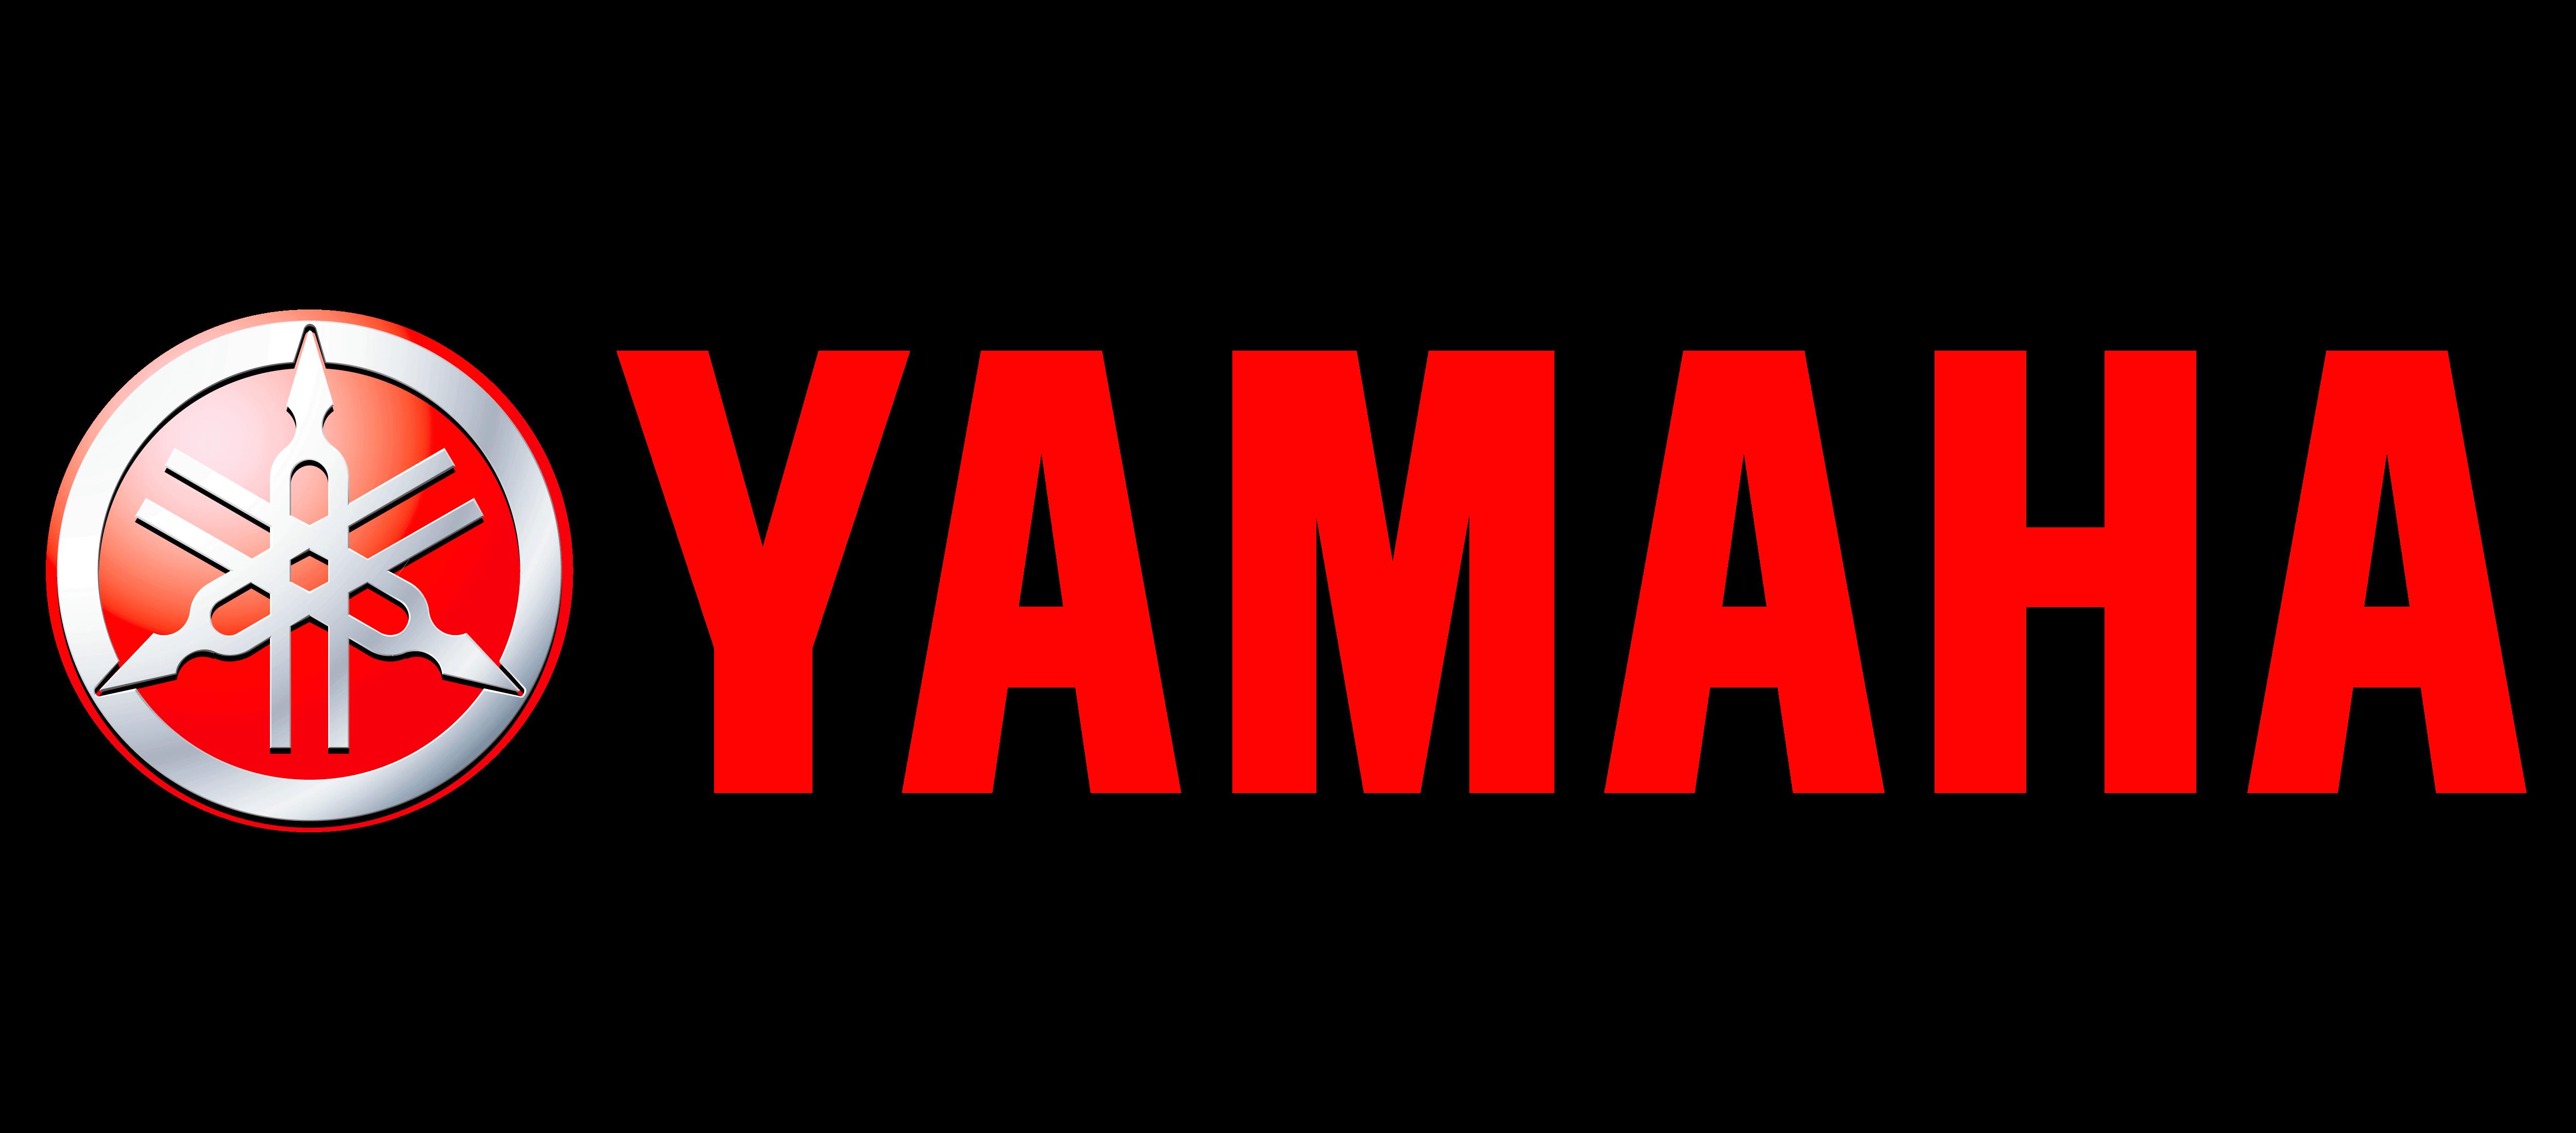 yamaha logo free2pngcom - photo #25